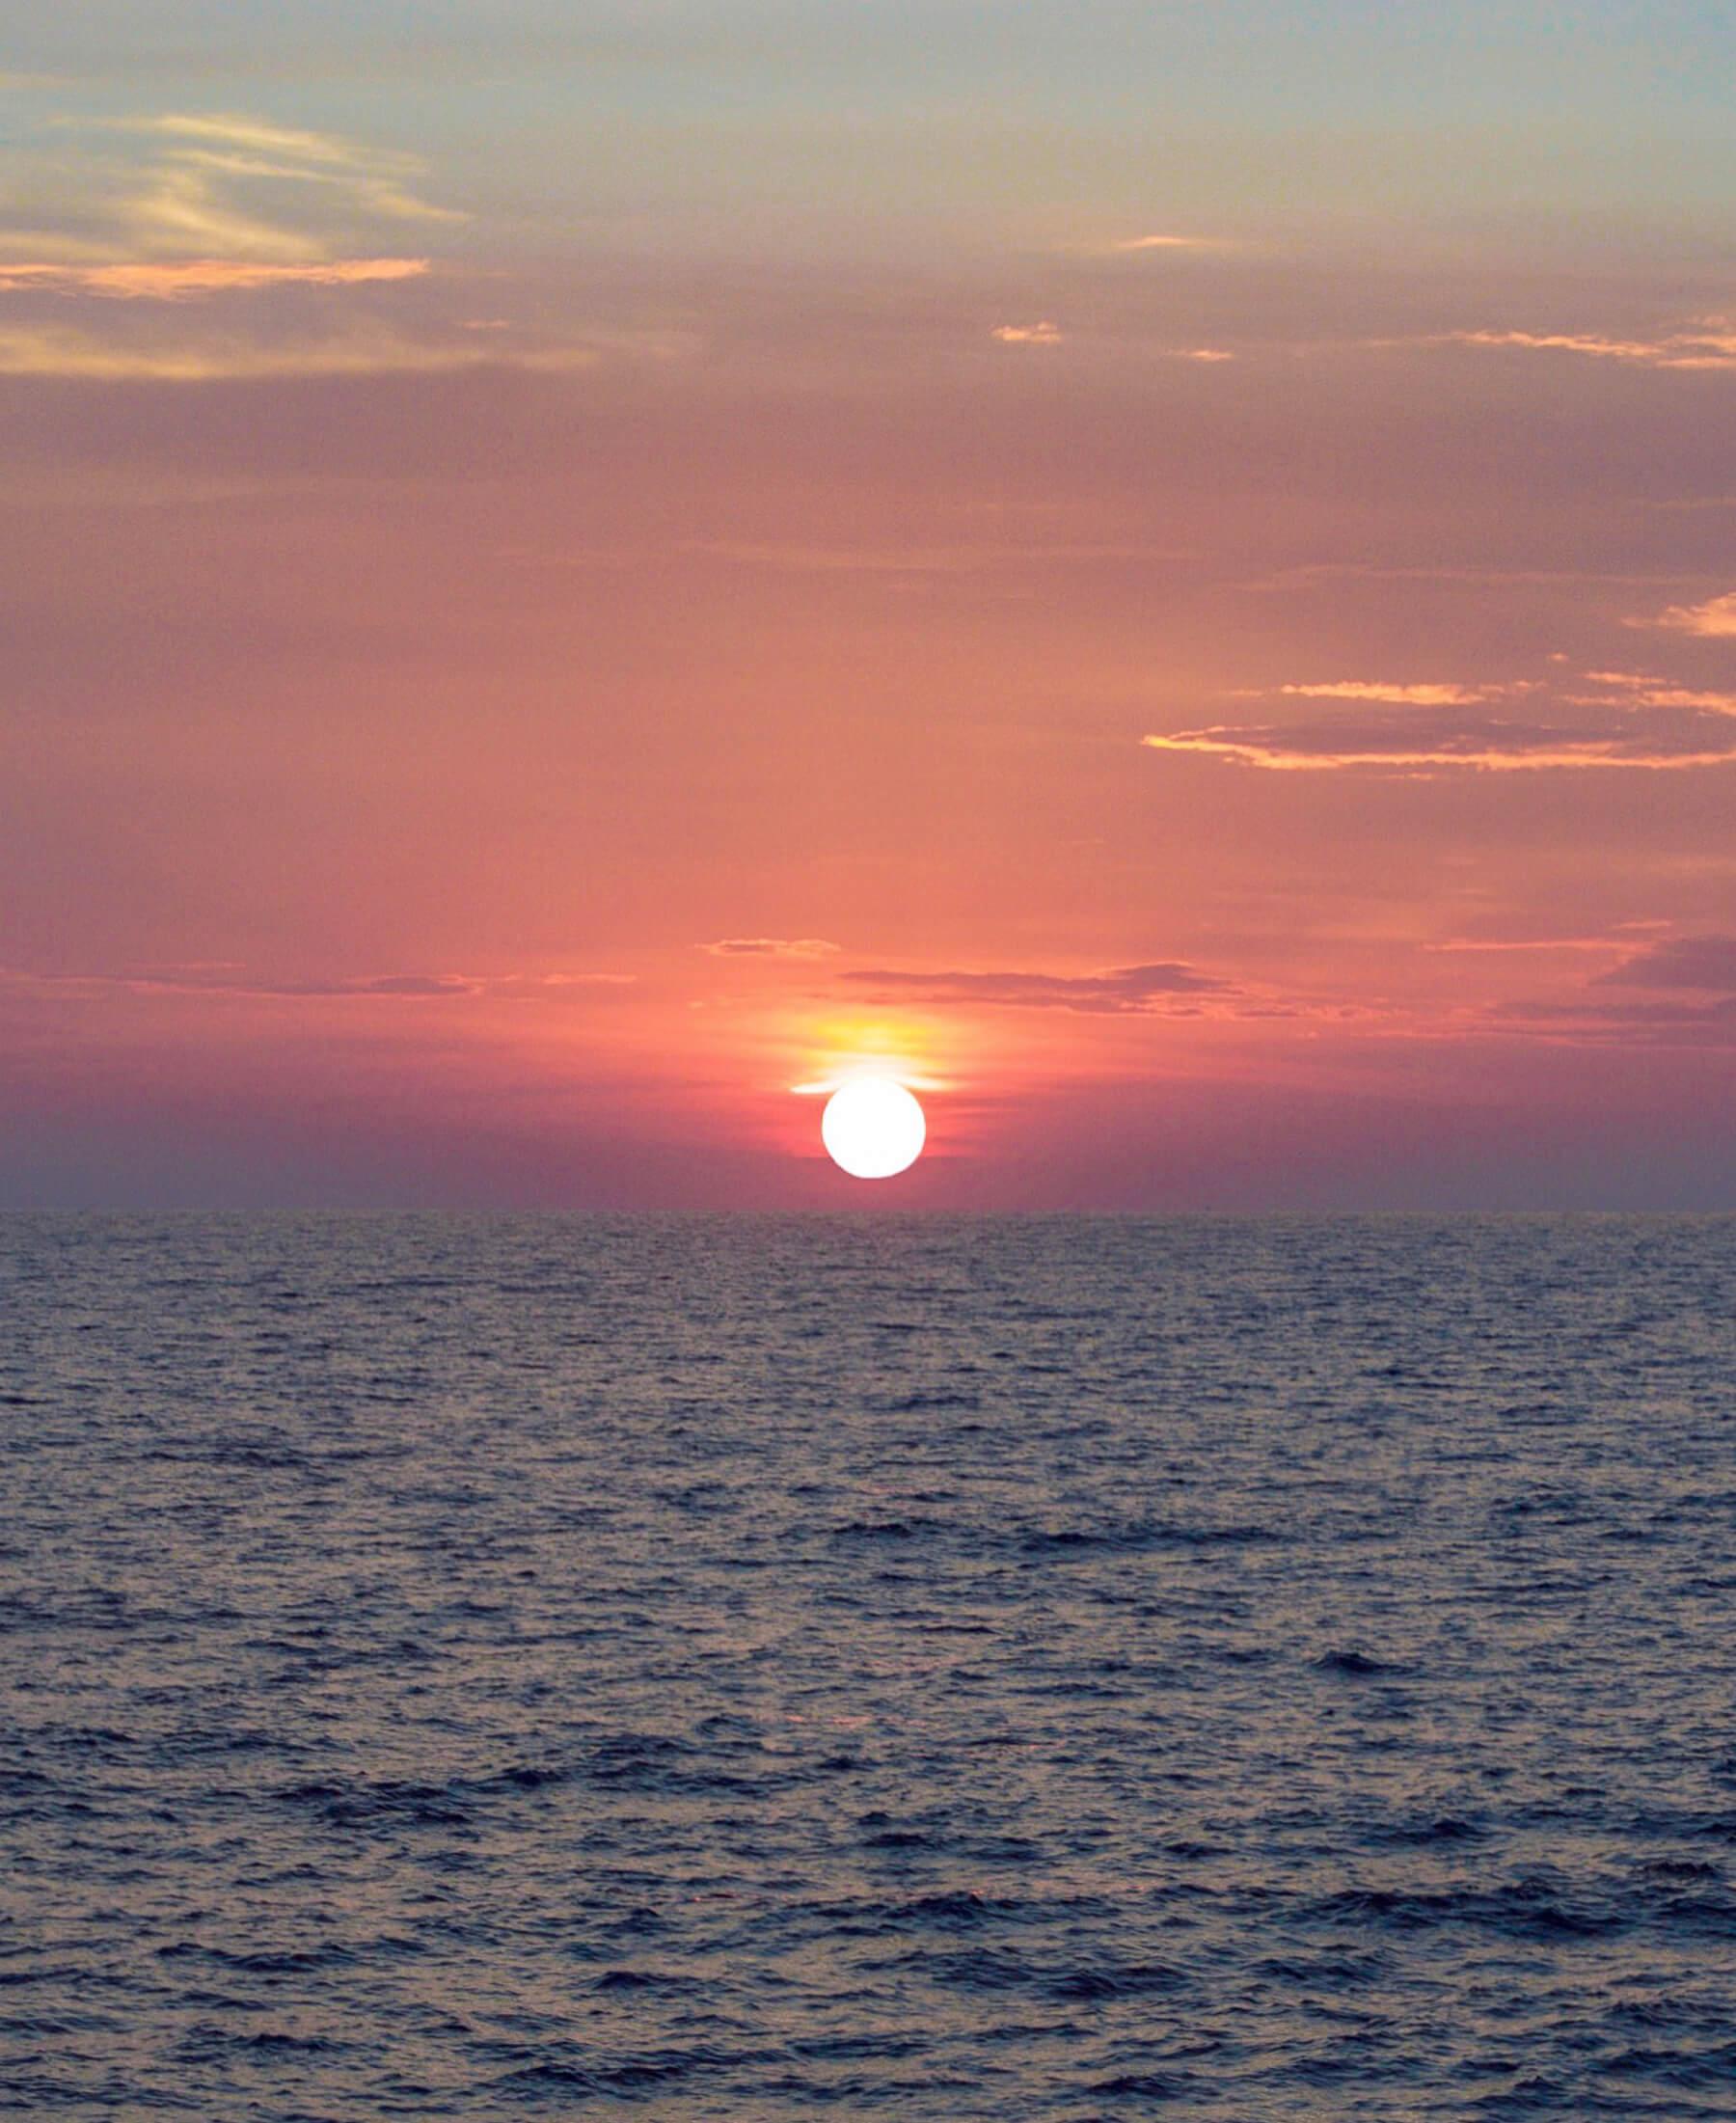 Huge sun above the ocean